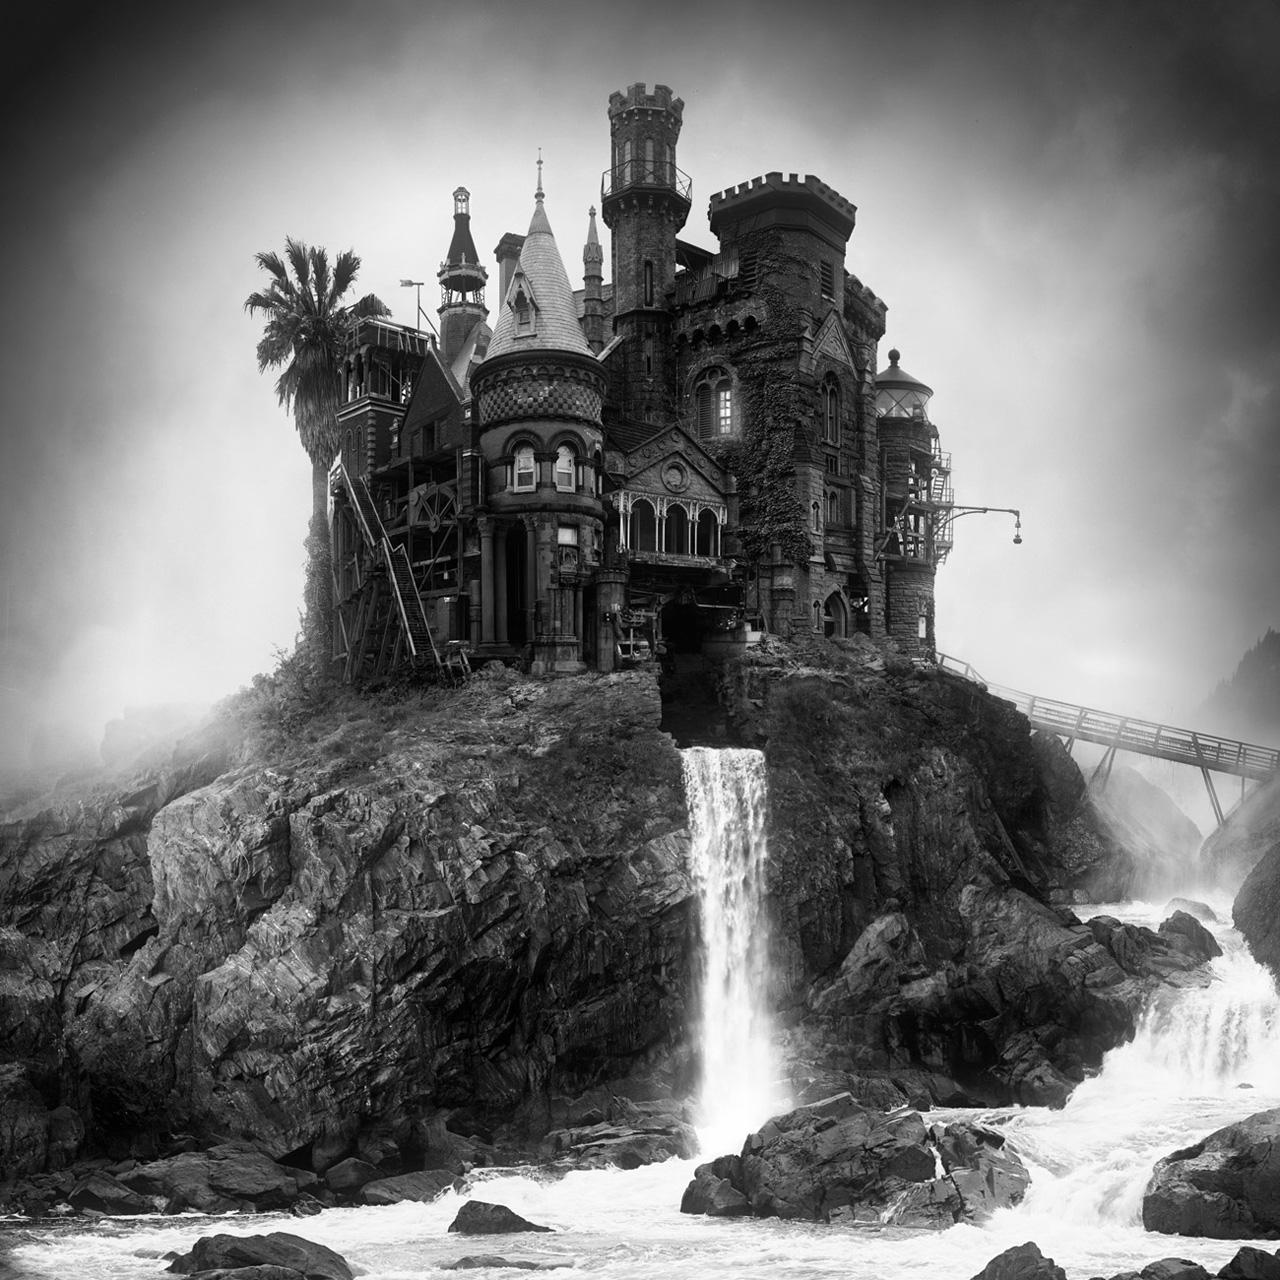 Jim_Kazanjian_-_2011_Chateau